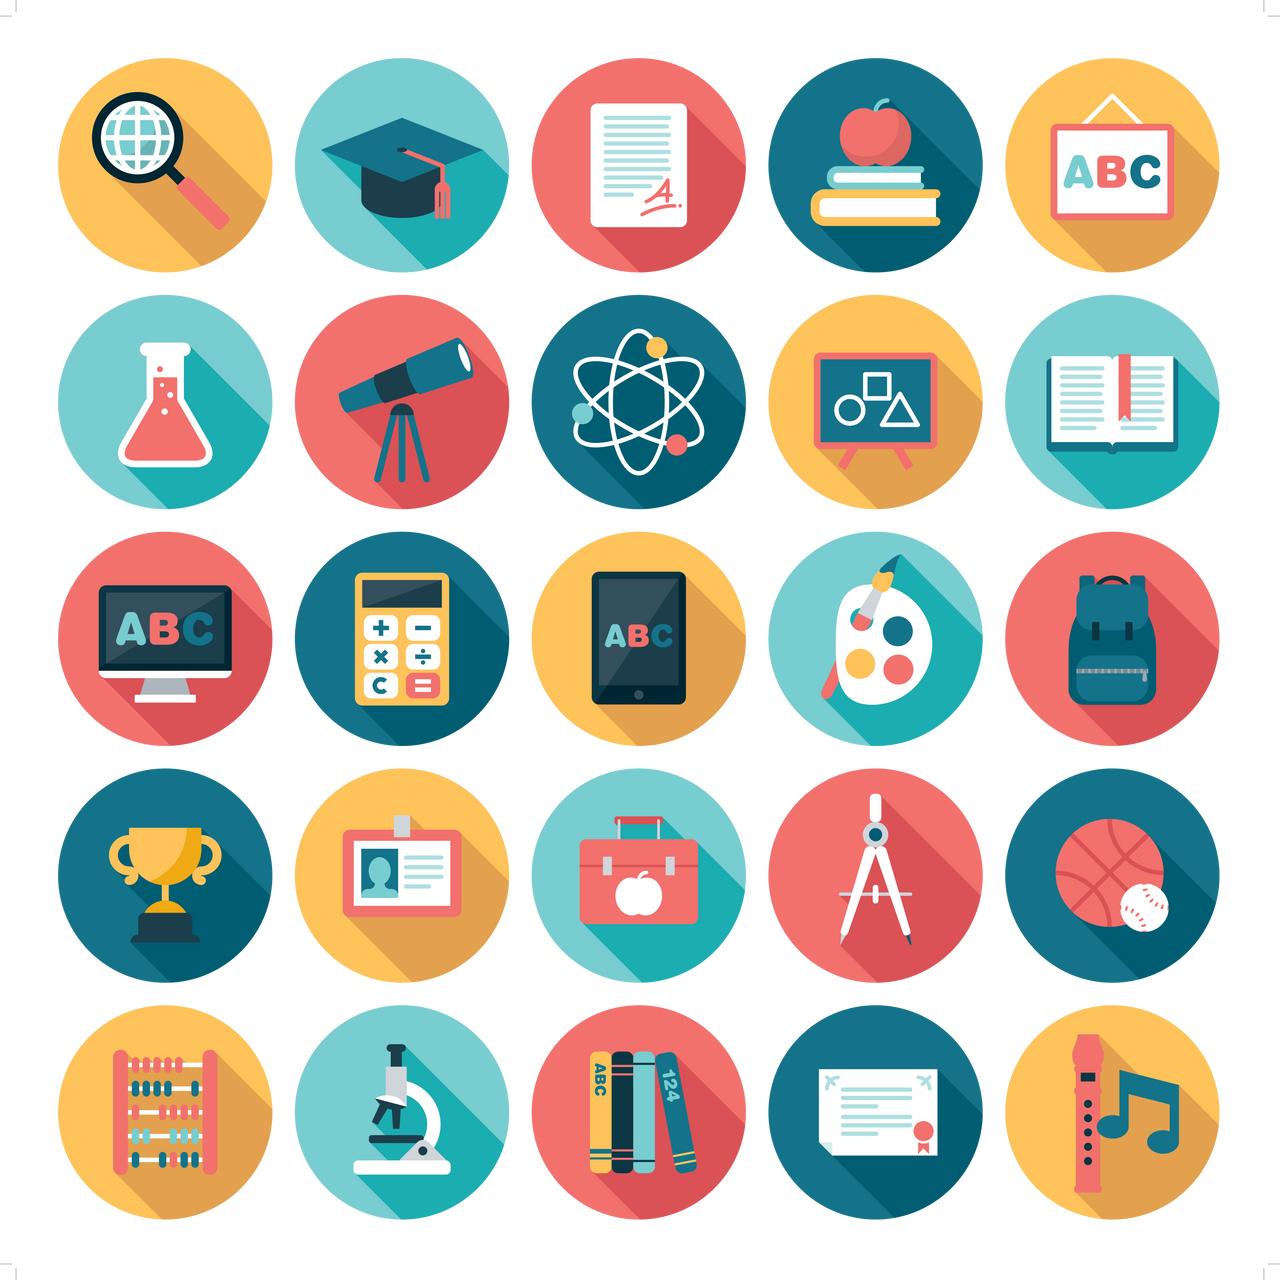 Encajando el puzle: Pensamiento computacional y procesos cognitivos